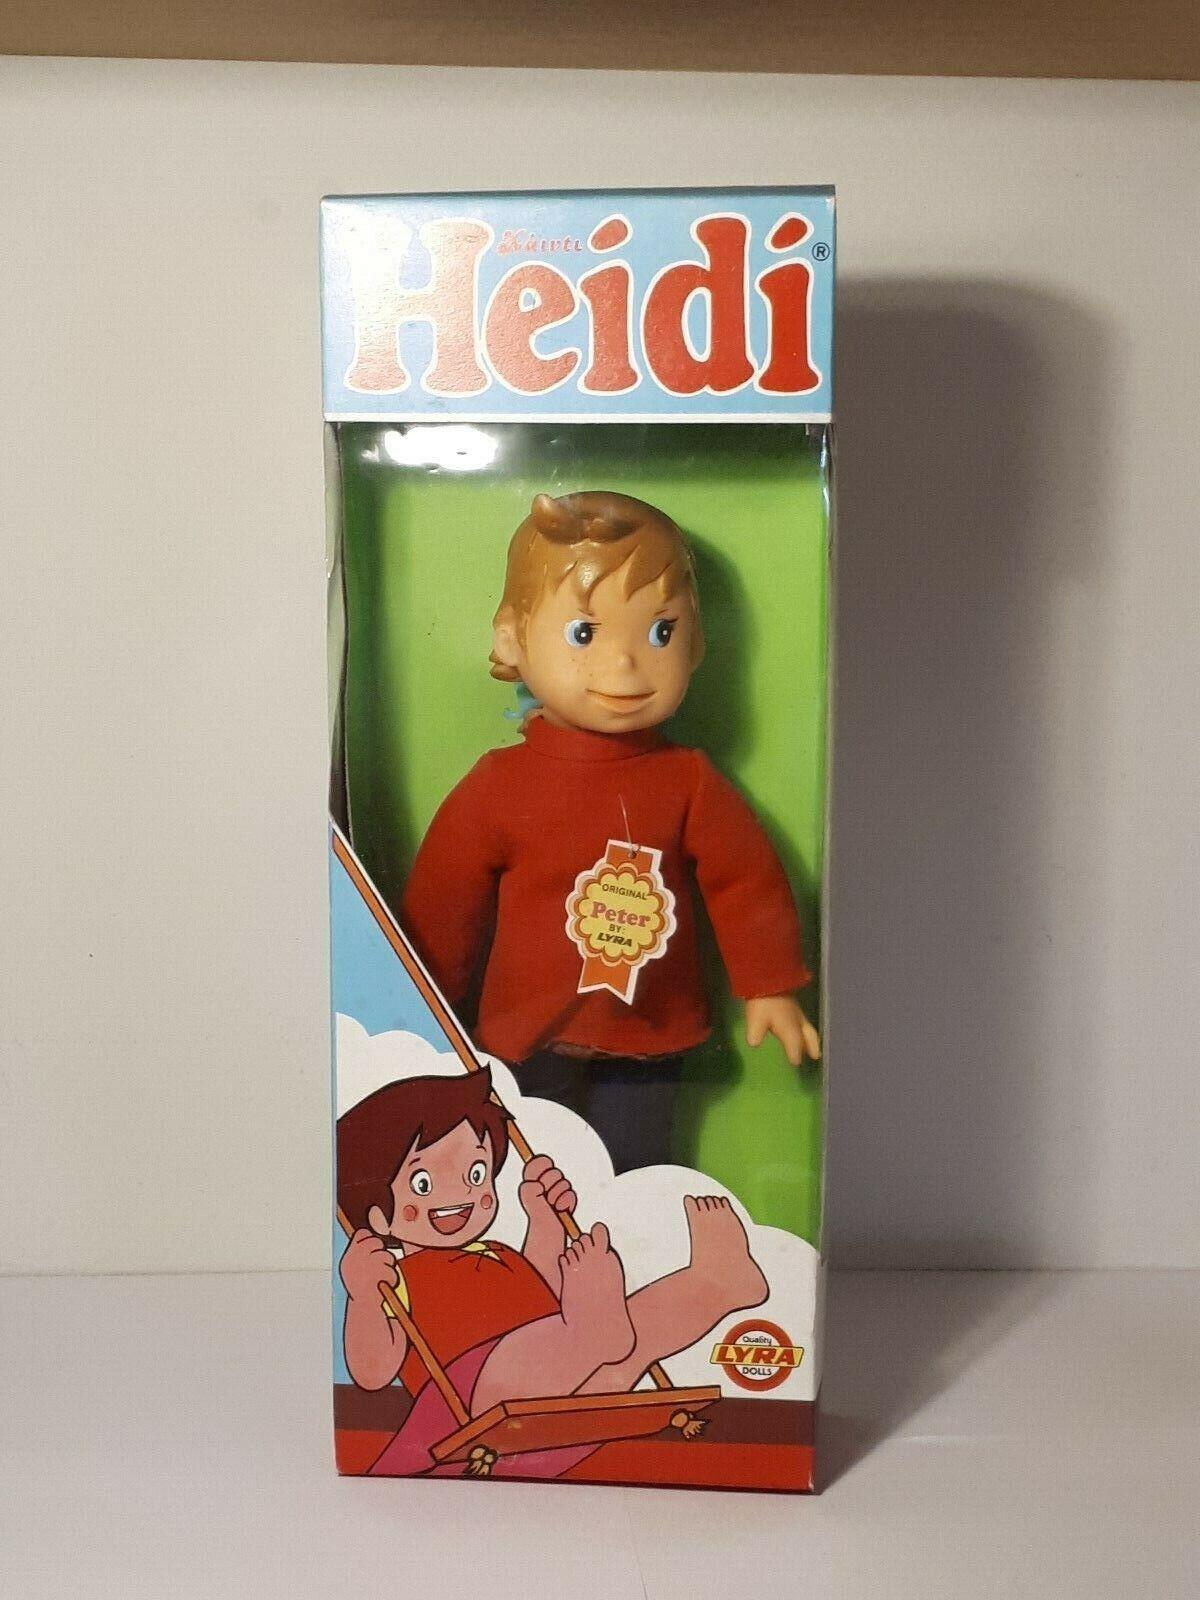 Heidi Heidi LYRA - PETER - greek vintage doll